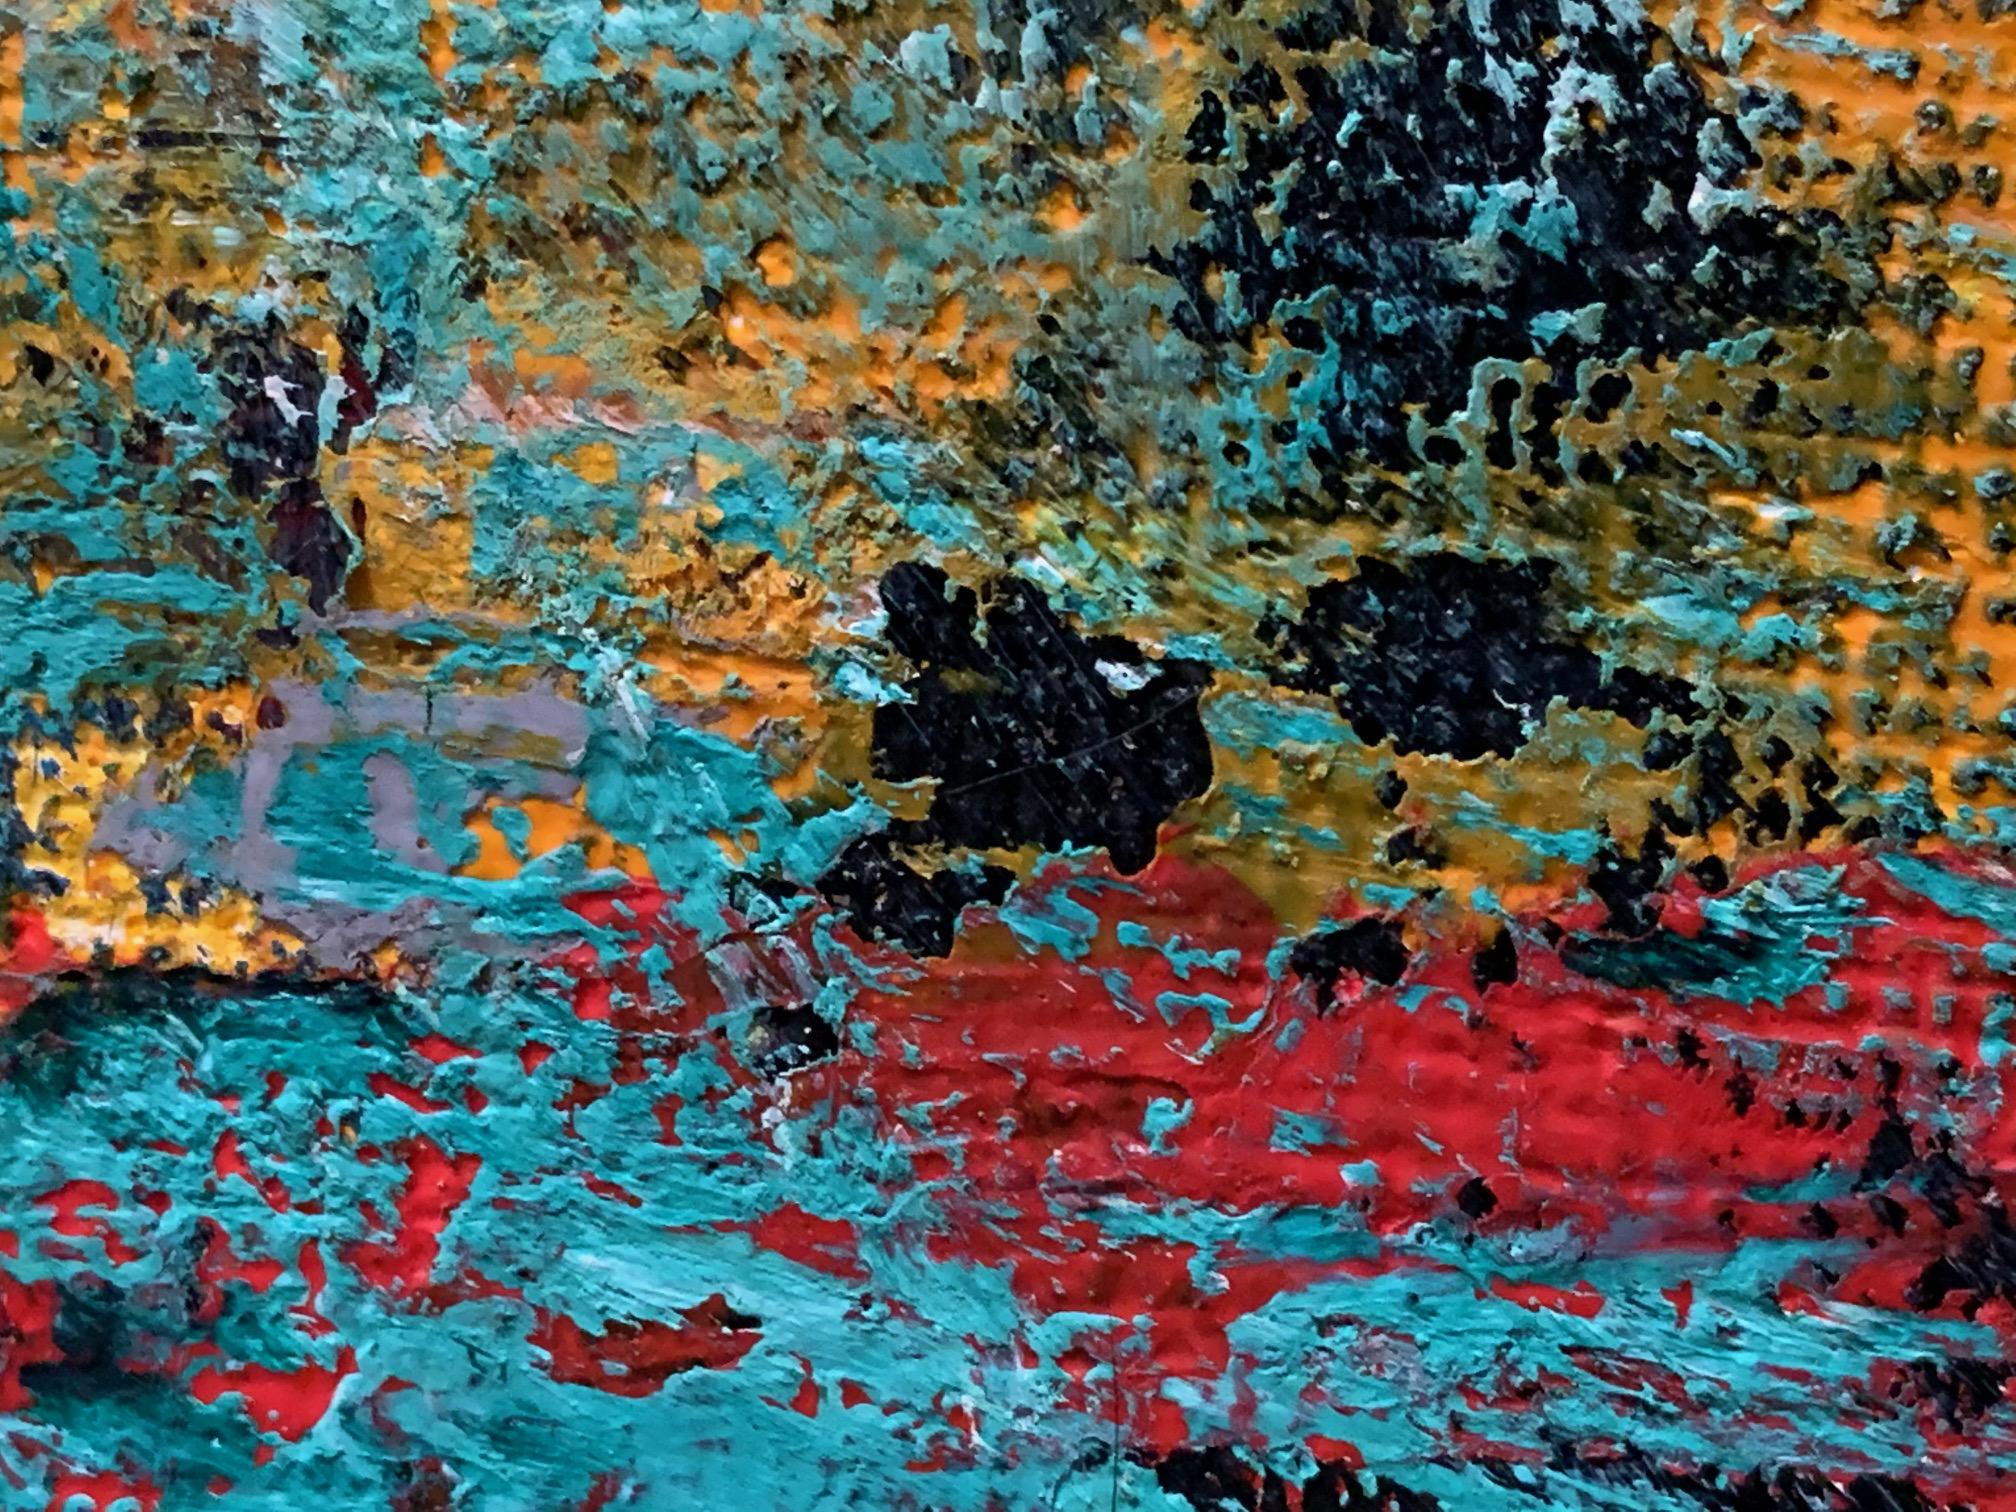 Купить картину для интерьера фото Минск абстракция 2021-9